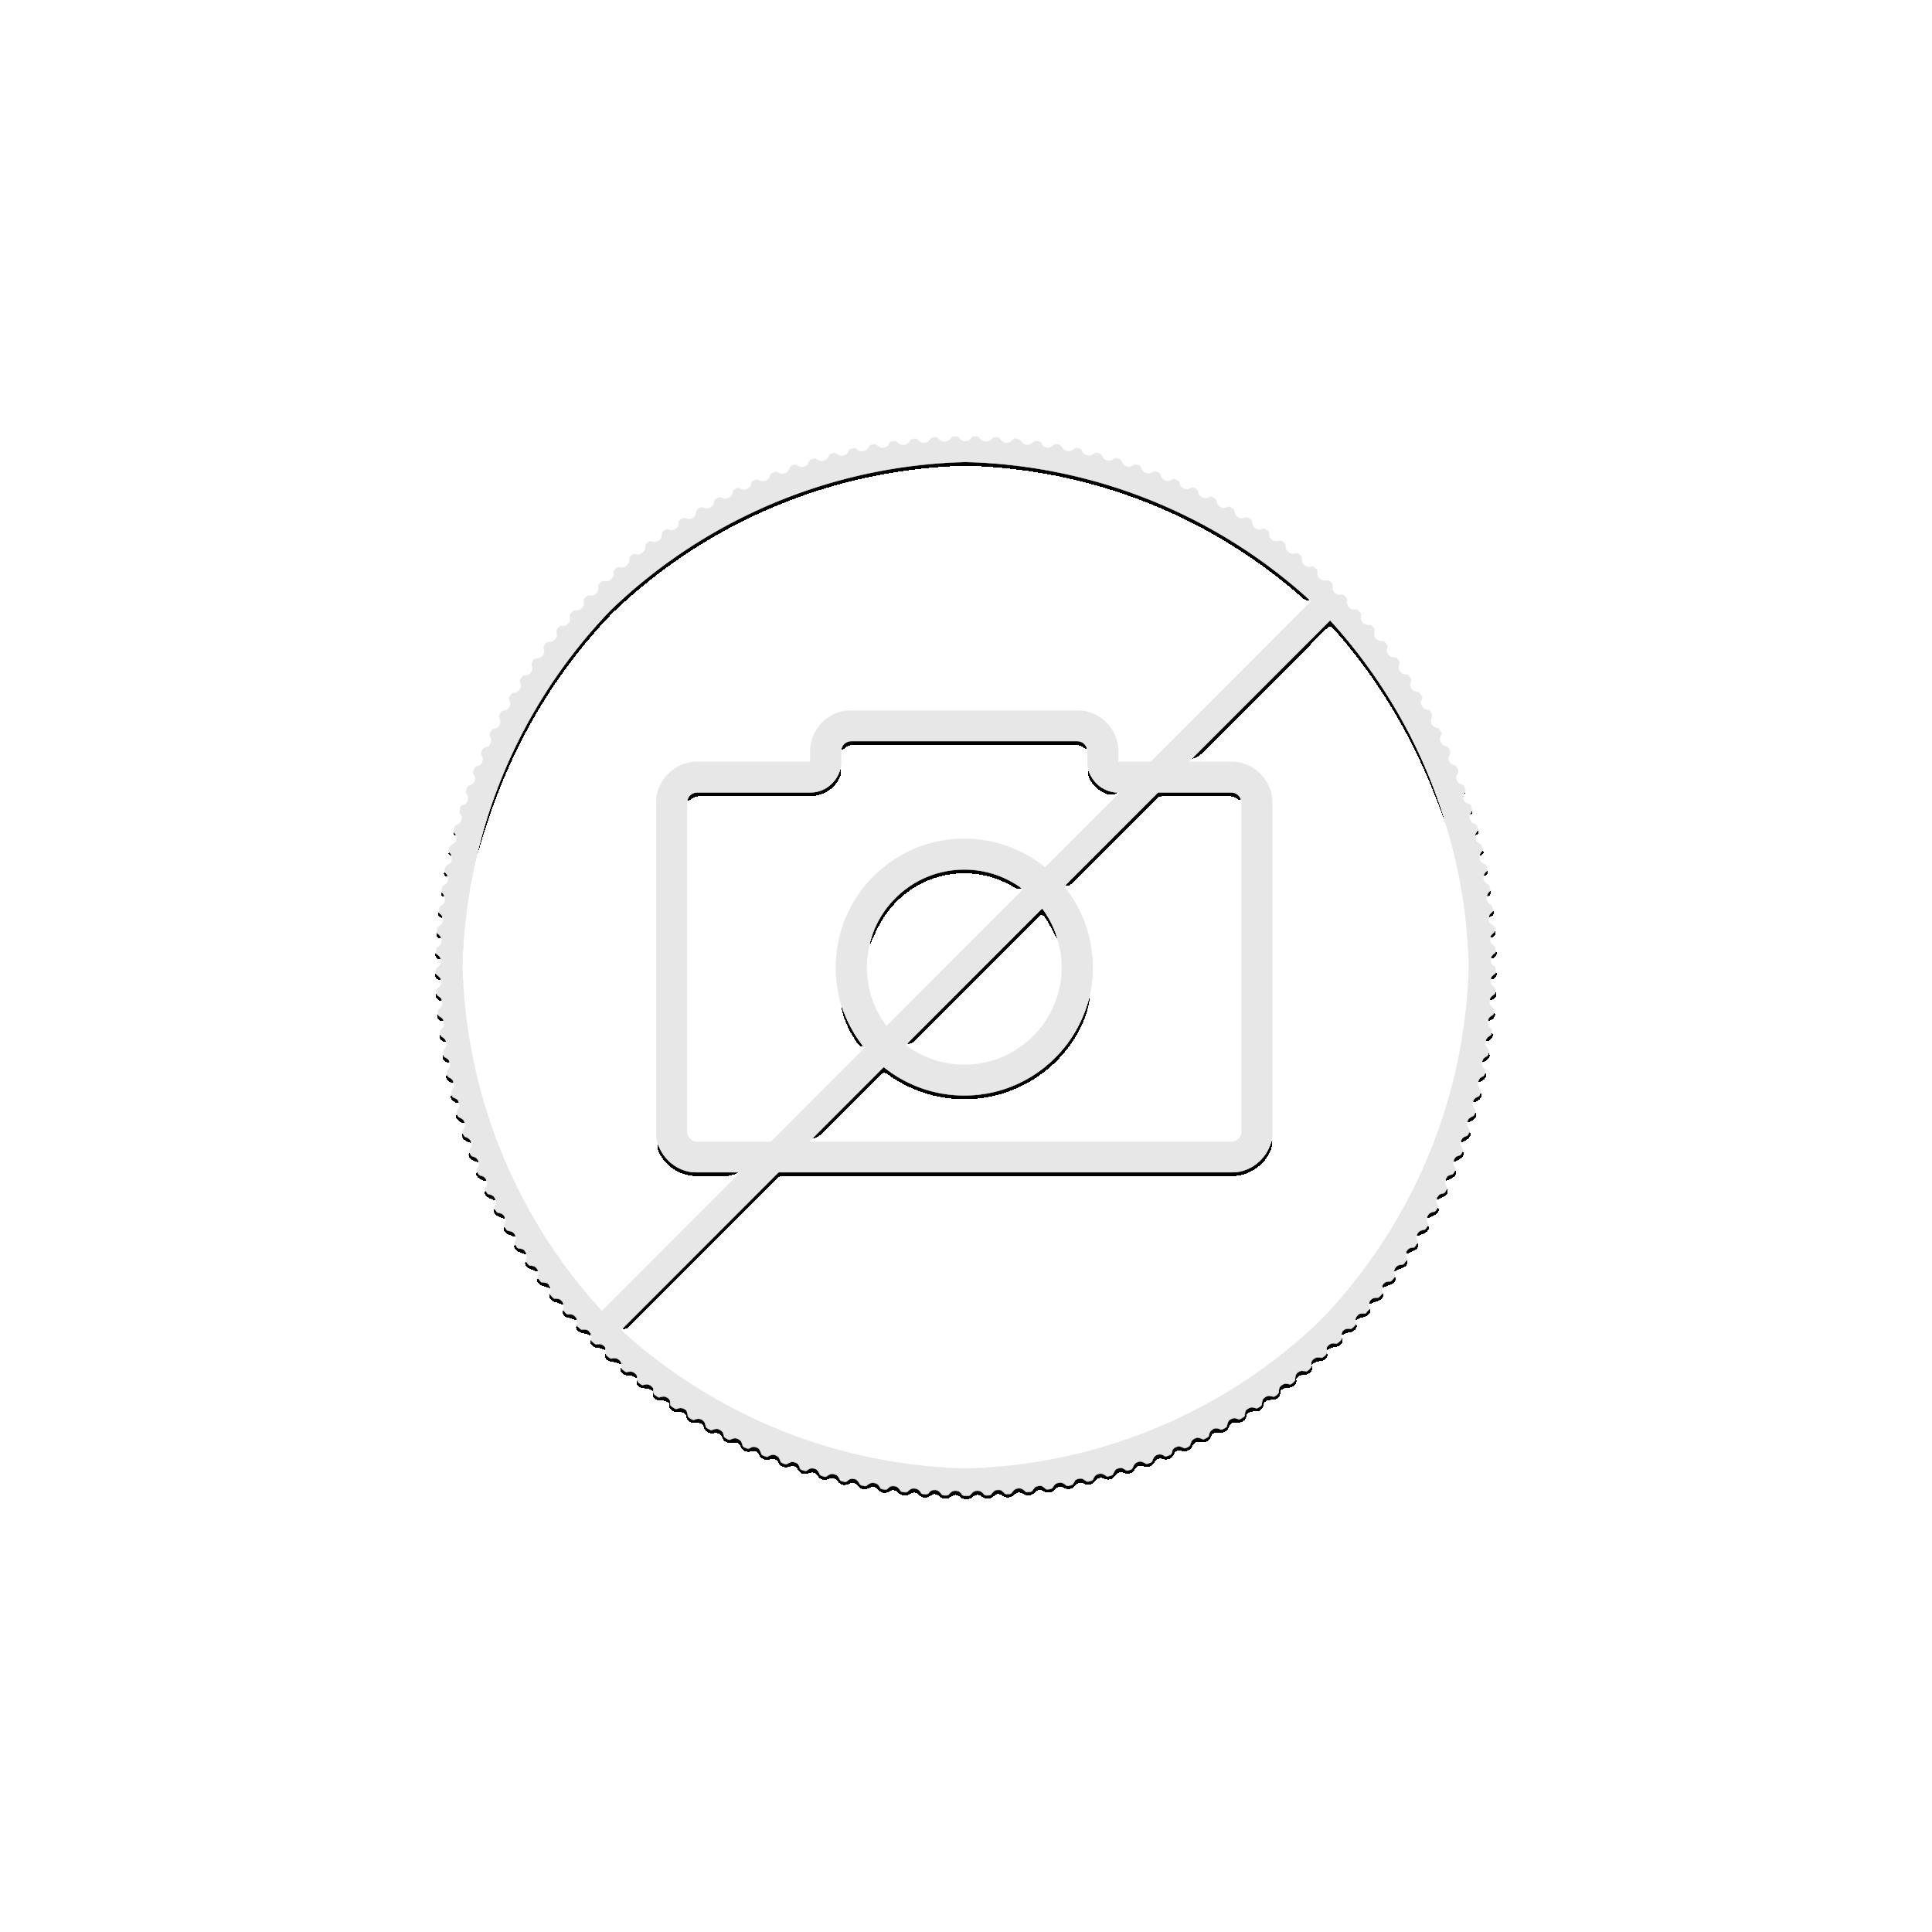 1 kilogram zilveren lunar munt 2018 - jaar van de hond - Gemstone editie